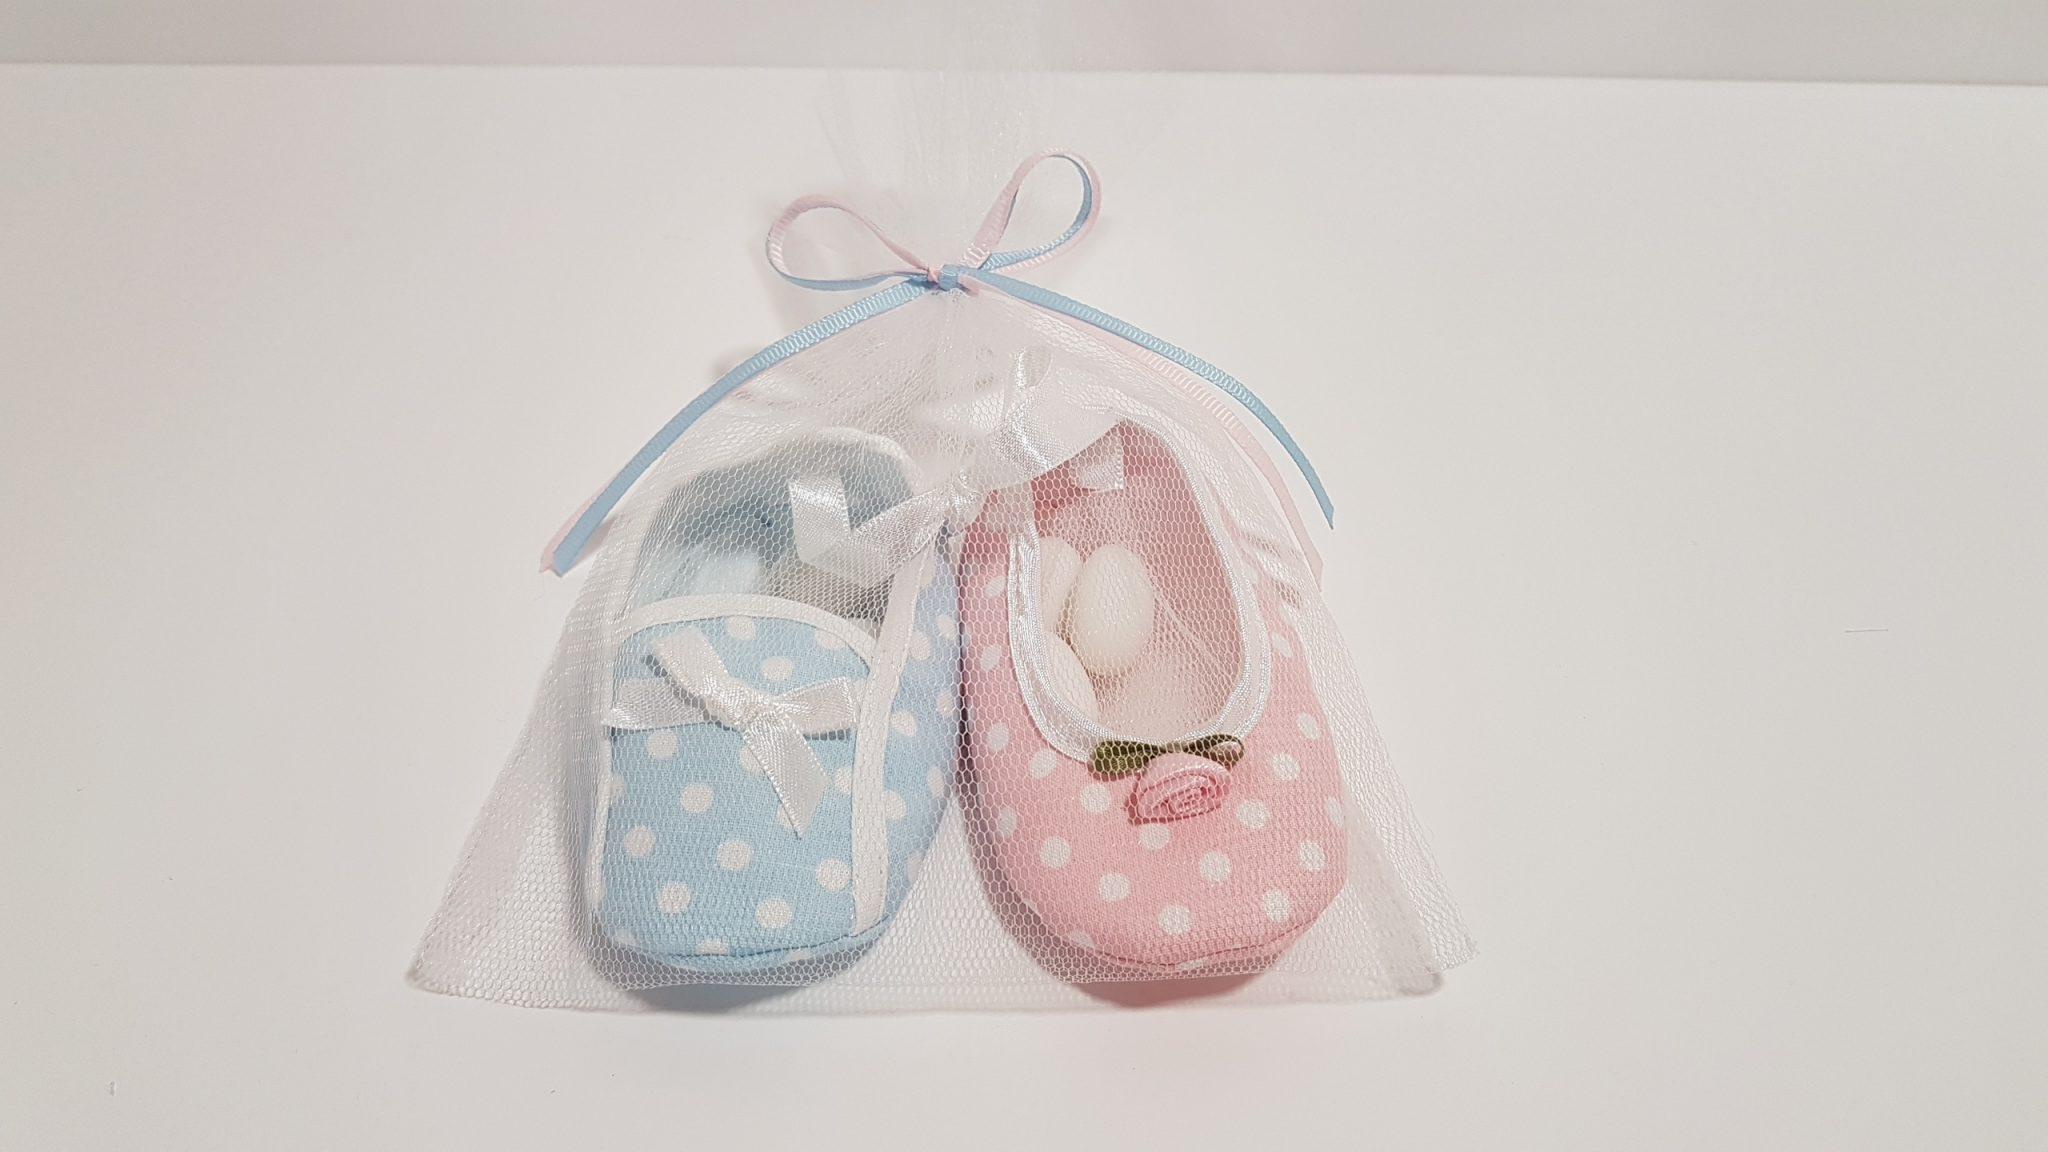 Μπομπονιέρα ζευγάρι παππουτσάκια για δίδυμα αγόρι-κοριτσι